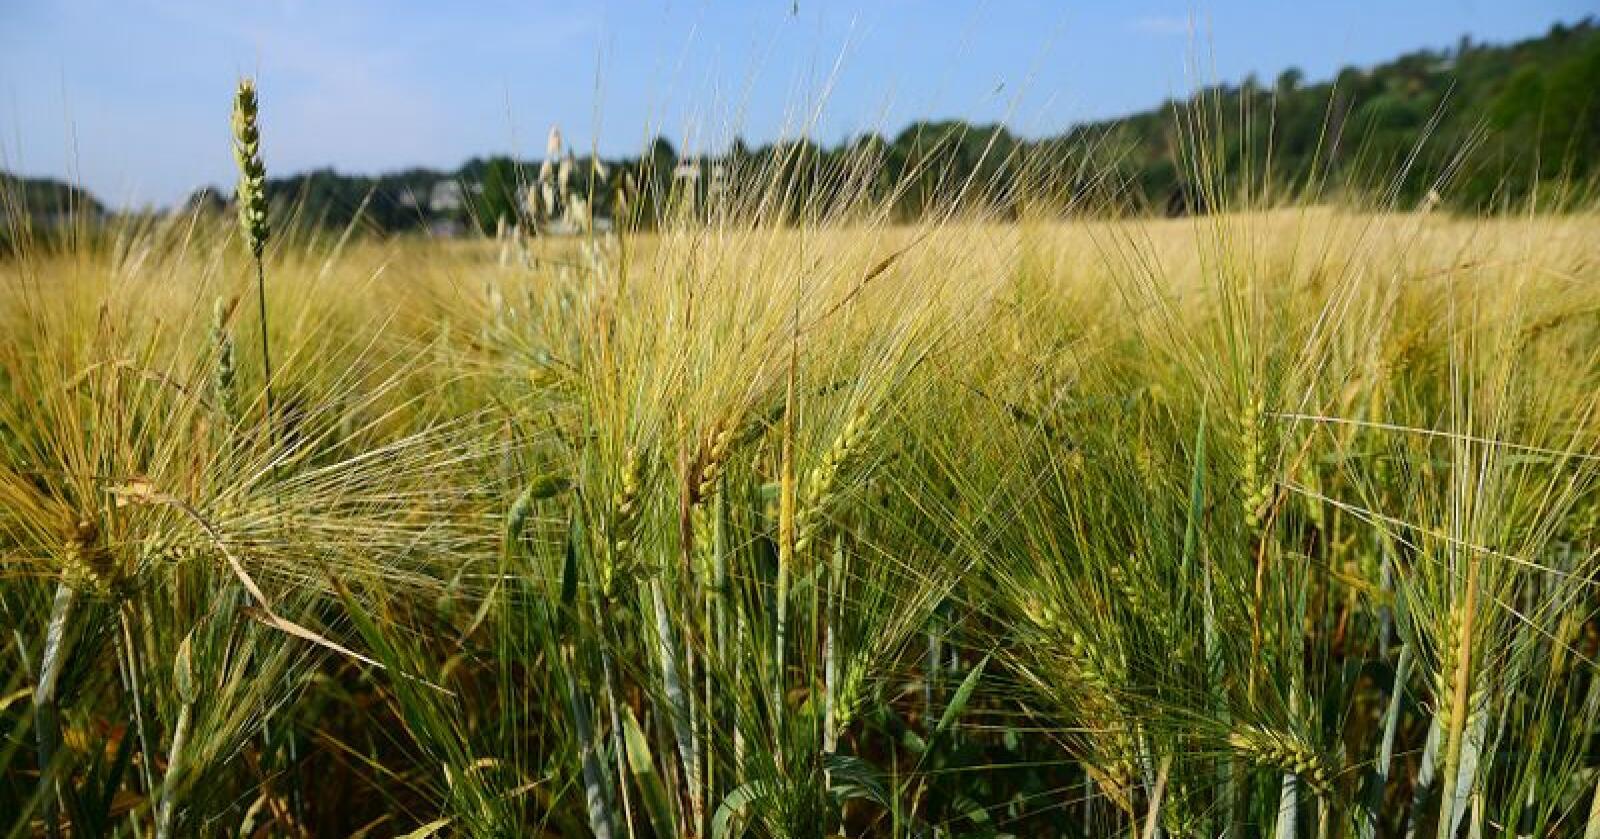 Tilgangen til korn er høgare i 2019 enn i tørkeåret 2018. Totalavlinga i 2019 er på 1.262.000 tonn, medan i 2018 var totalavlinga på under 690.000 tonn. Foto: Siri Juell Rasmussen